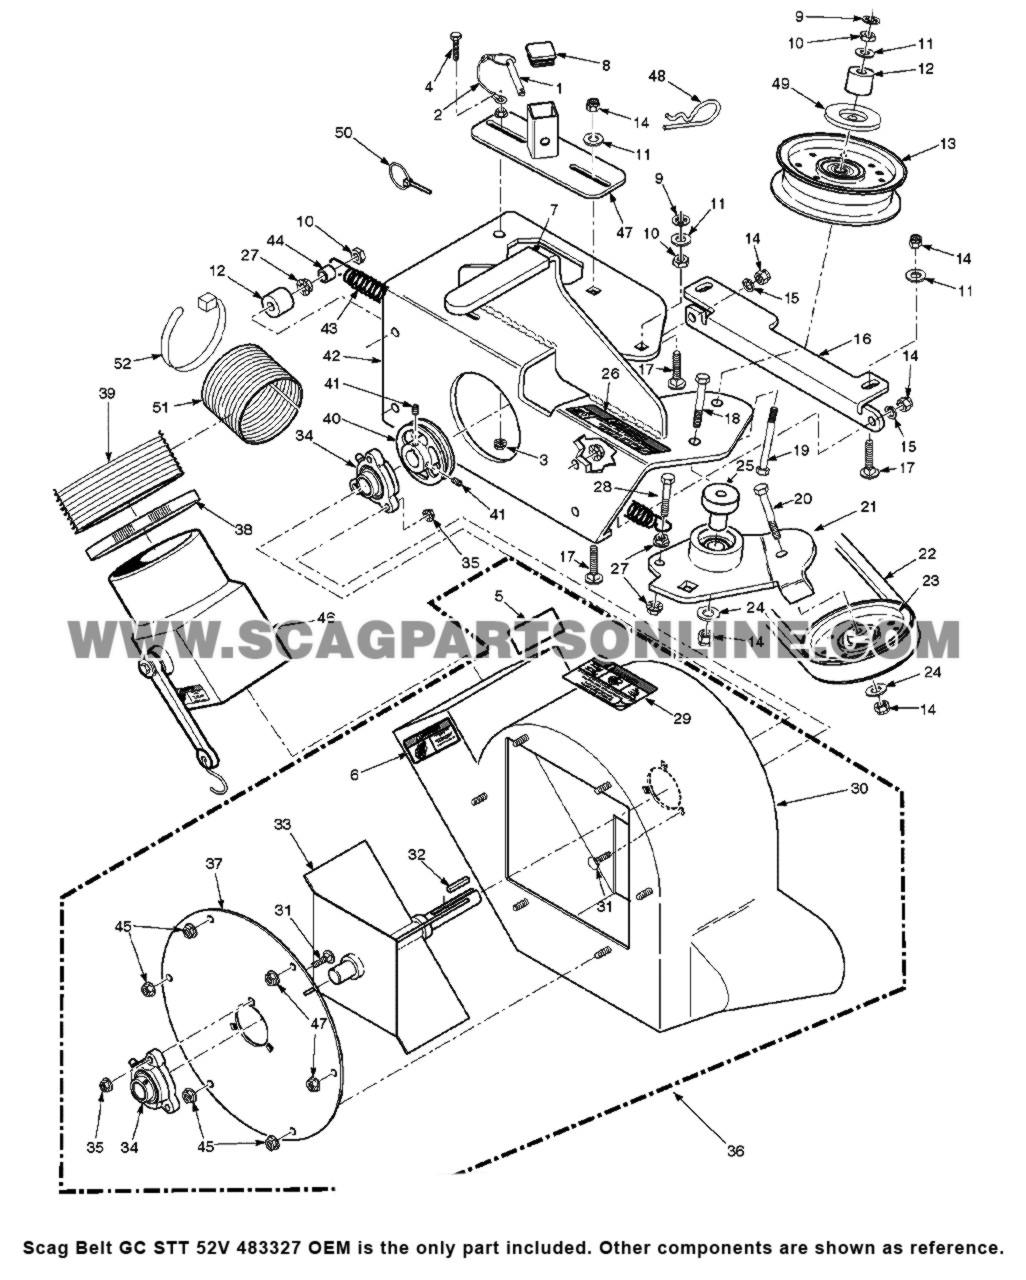 Parts lookup Scag Belt GC STT 52V 483327 OEM diagram